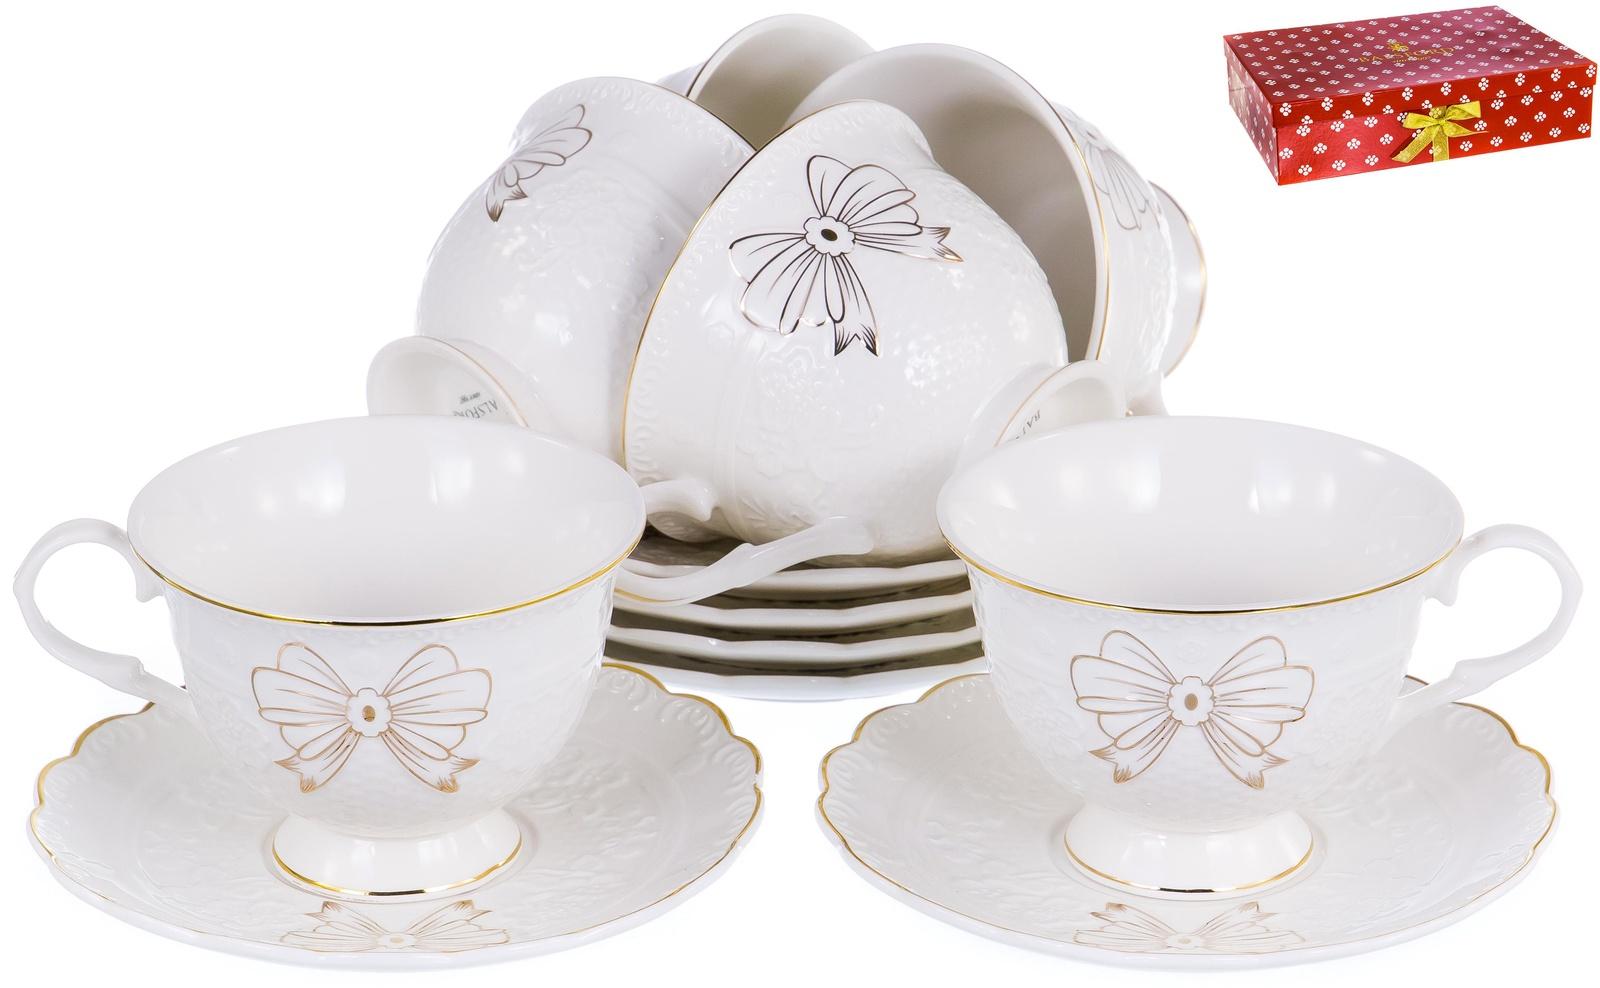 ГРАЦИЯ, набор чайный, 6 чашек 220мл, 6 блюдец, NEW BONE CHINA, белый рельефный рисунок с золотом, прямоугольная подарочная упаковка с окном и бантом, ТМ Balsford, артикул 101-30005 стоимость